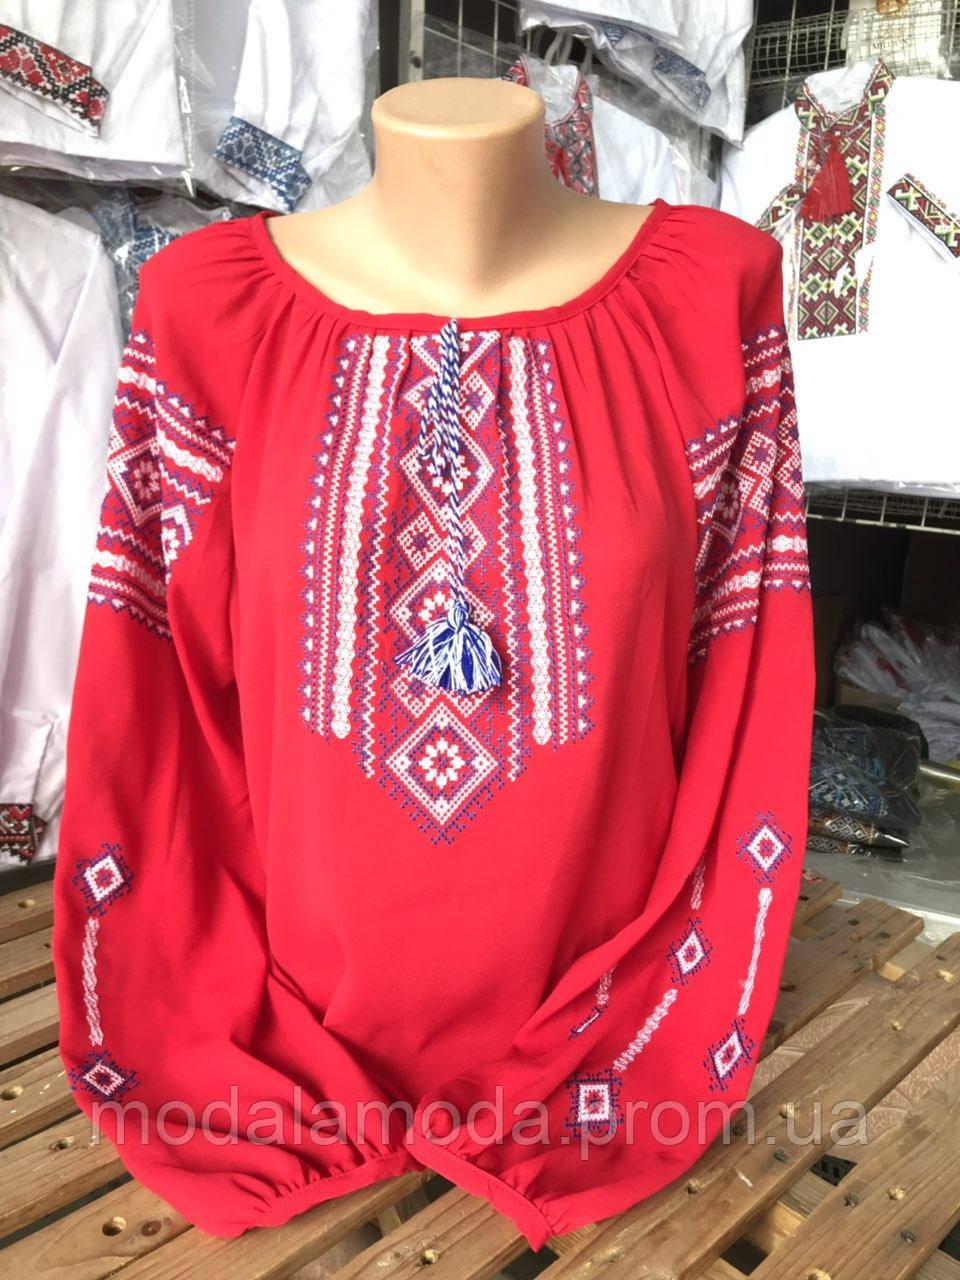 Вышиванка женская красная с красивым орнаментом под заказ